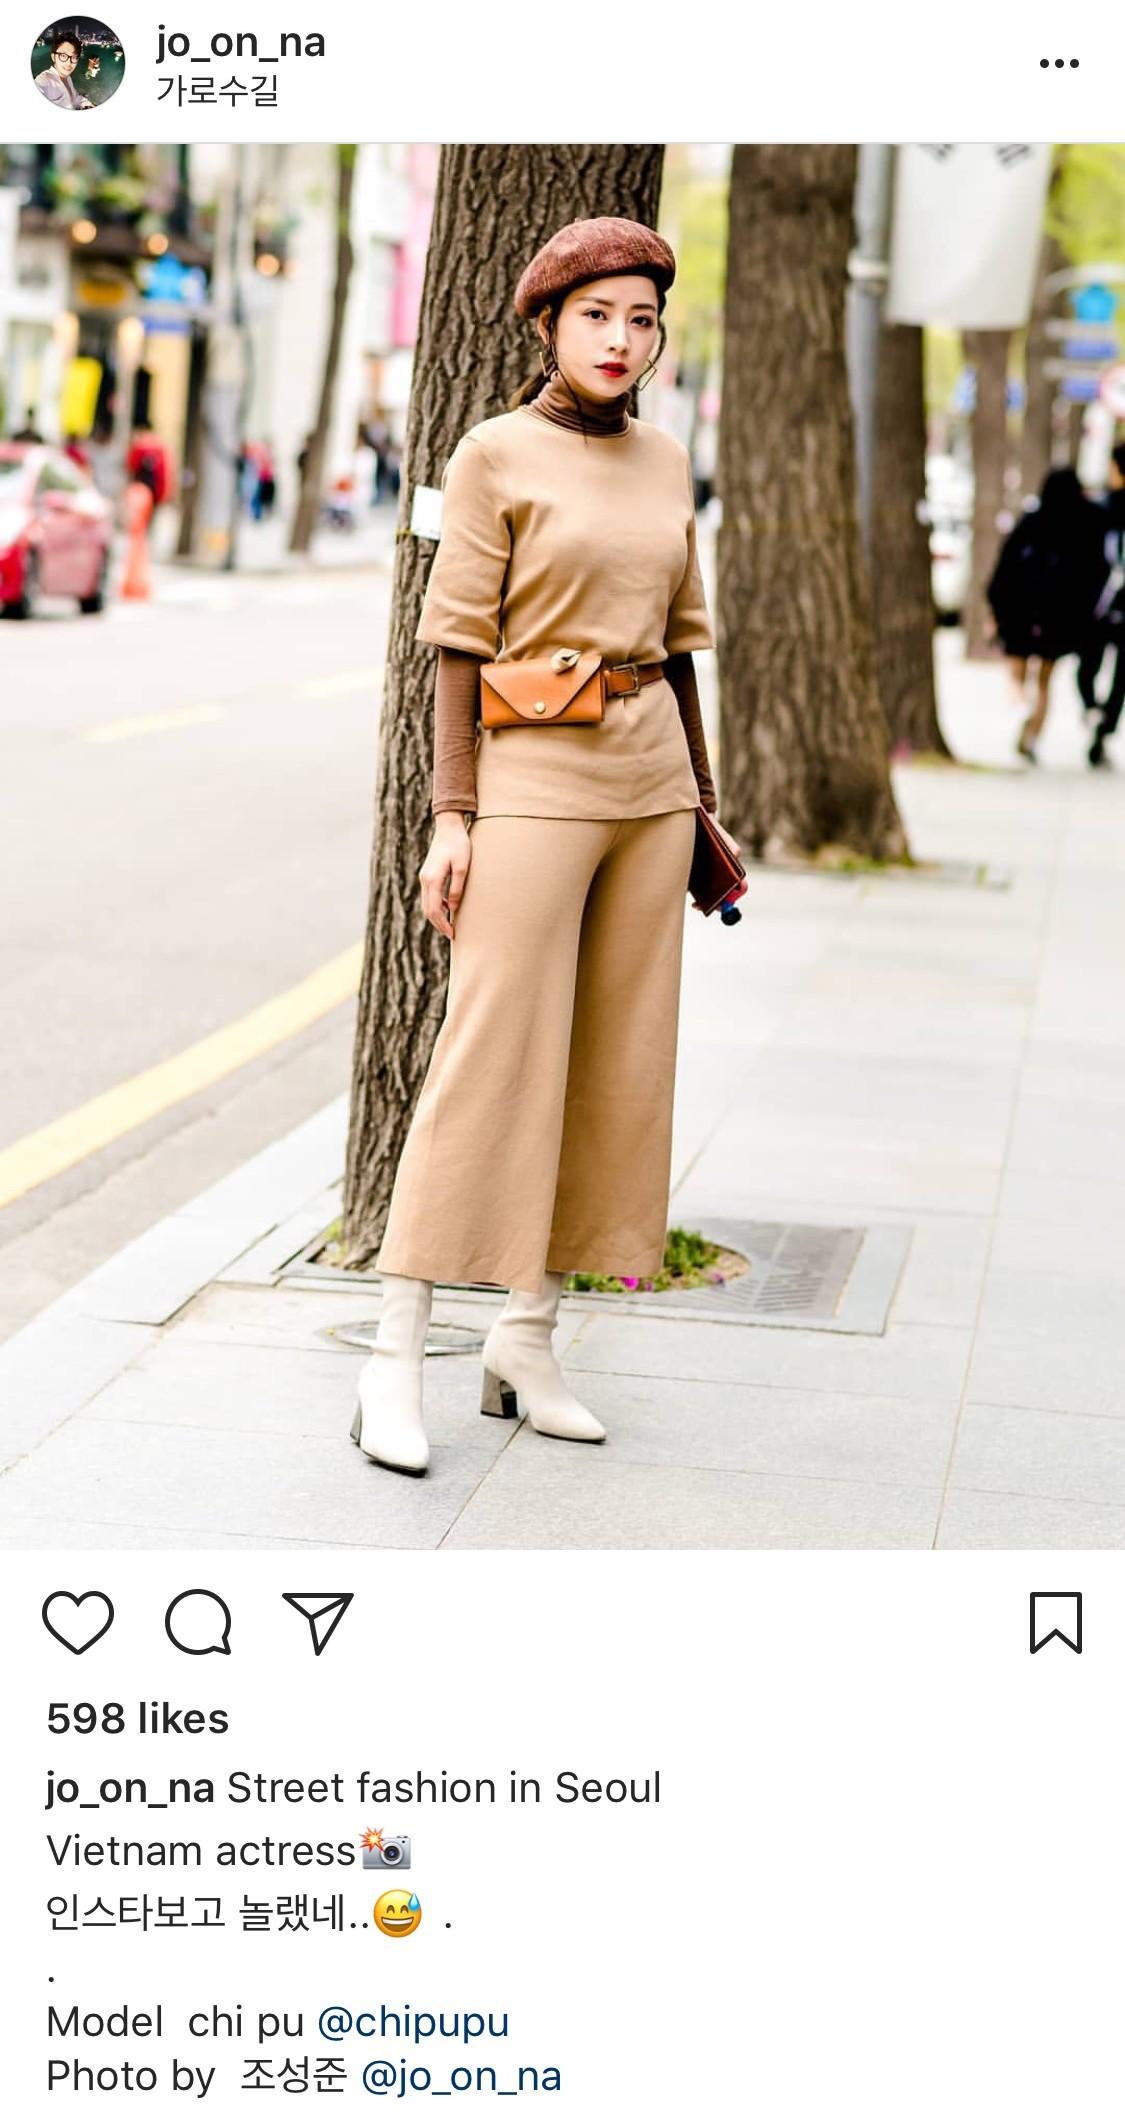 Mặc đẹp không thua kém giới trẻ Hàn, Chi Pu lọt ống kính nhiếp ảnh gia street style tại Seoul khi tới đây du lịch - Ảnh 6.